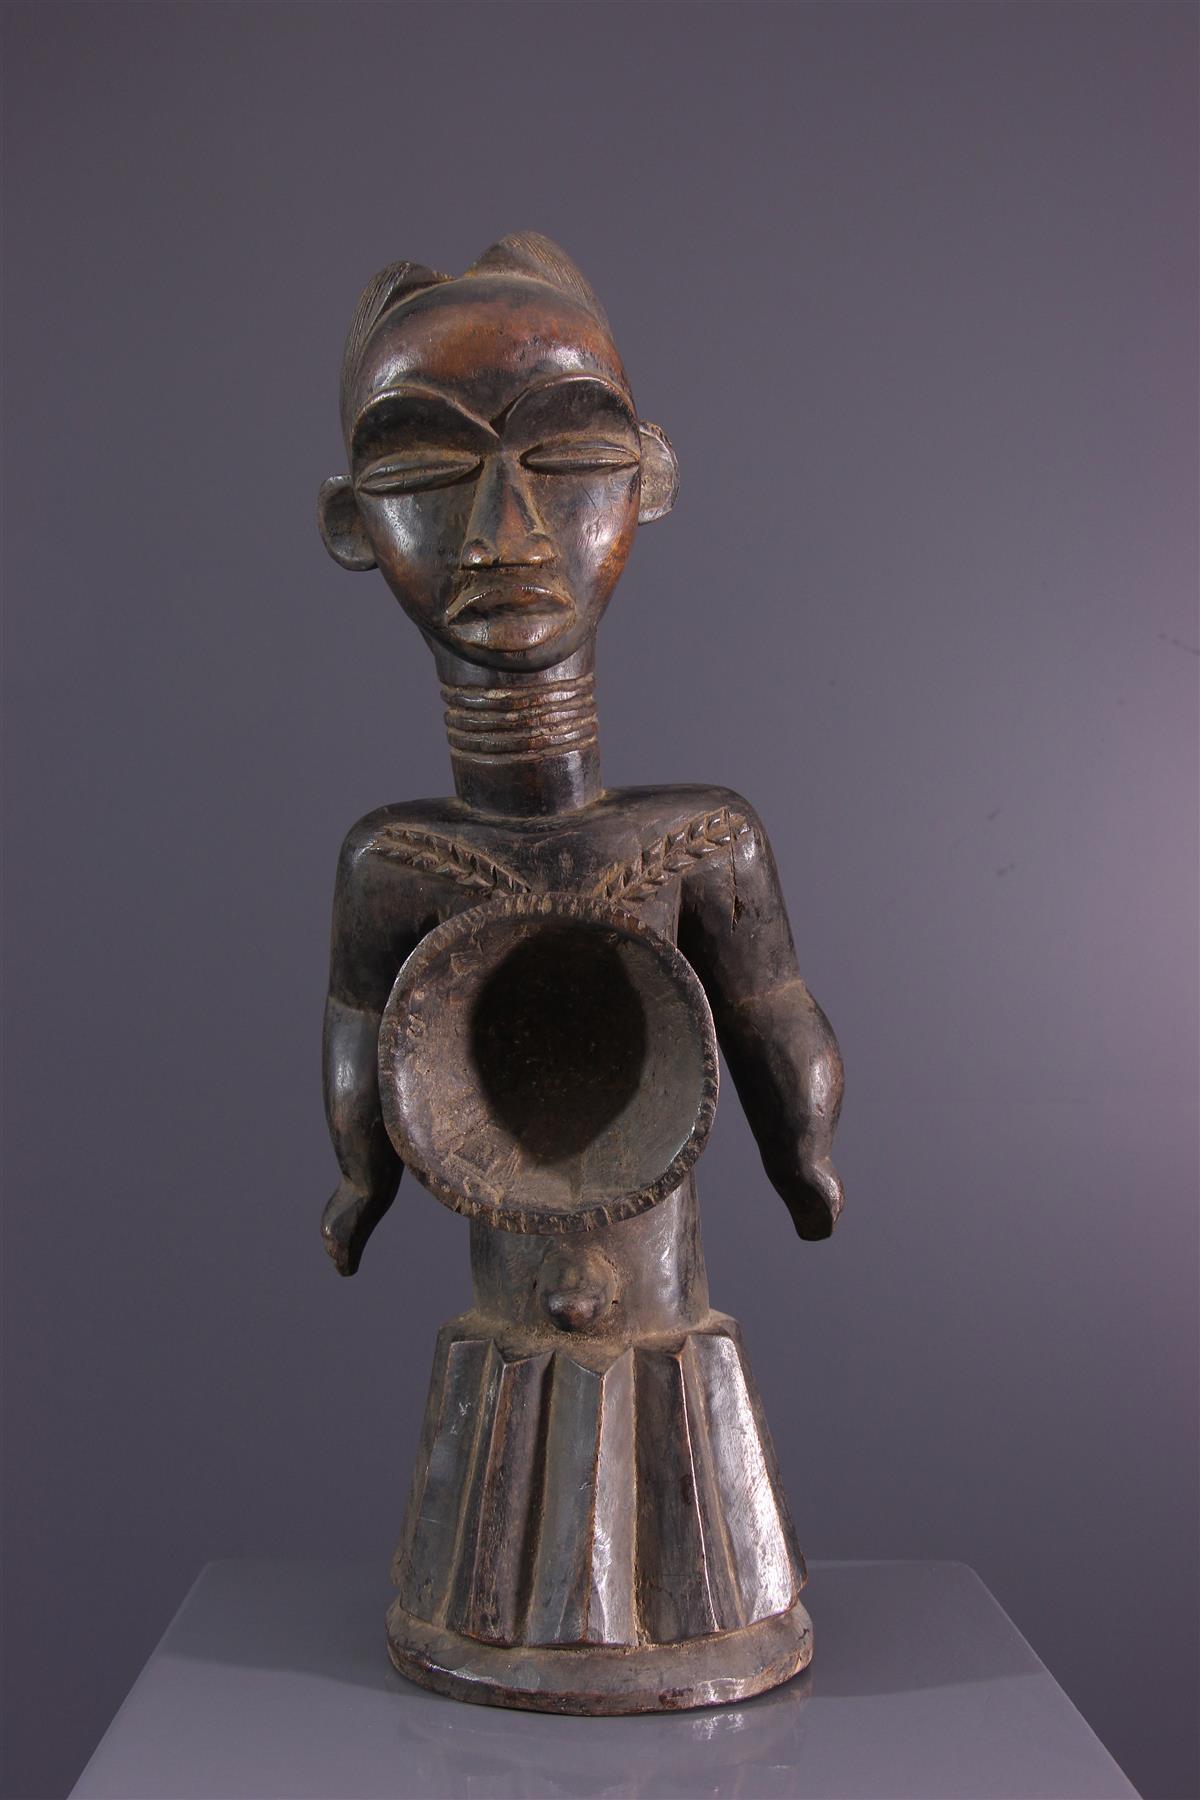 Dan, Lümè, Liberia - Afrikaanse kunst